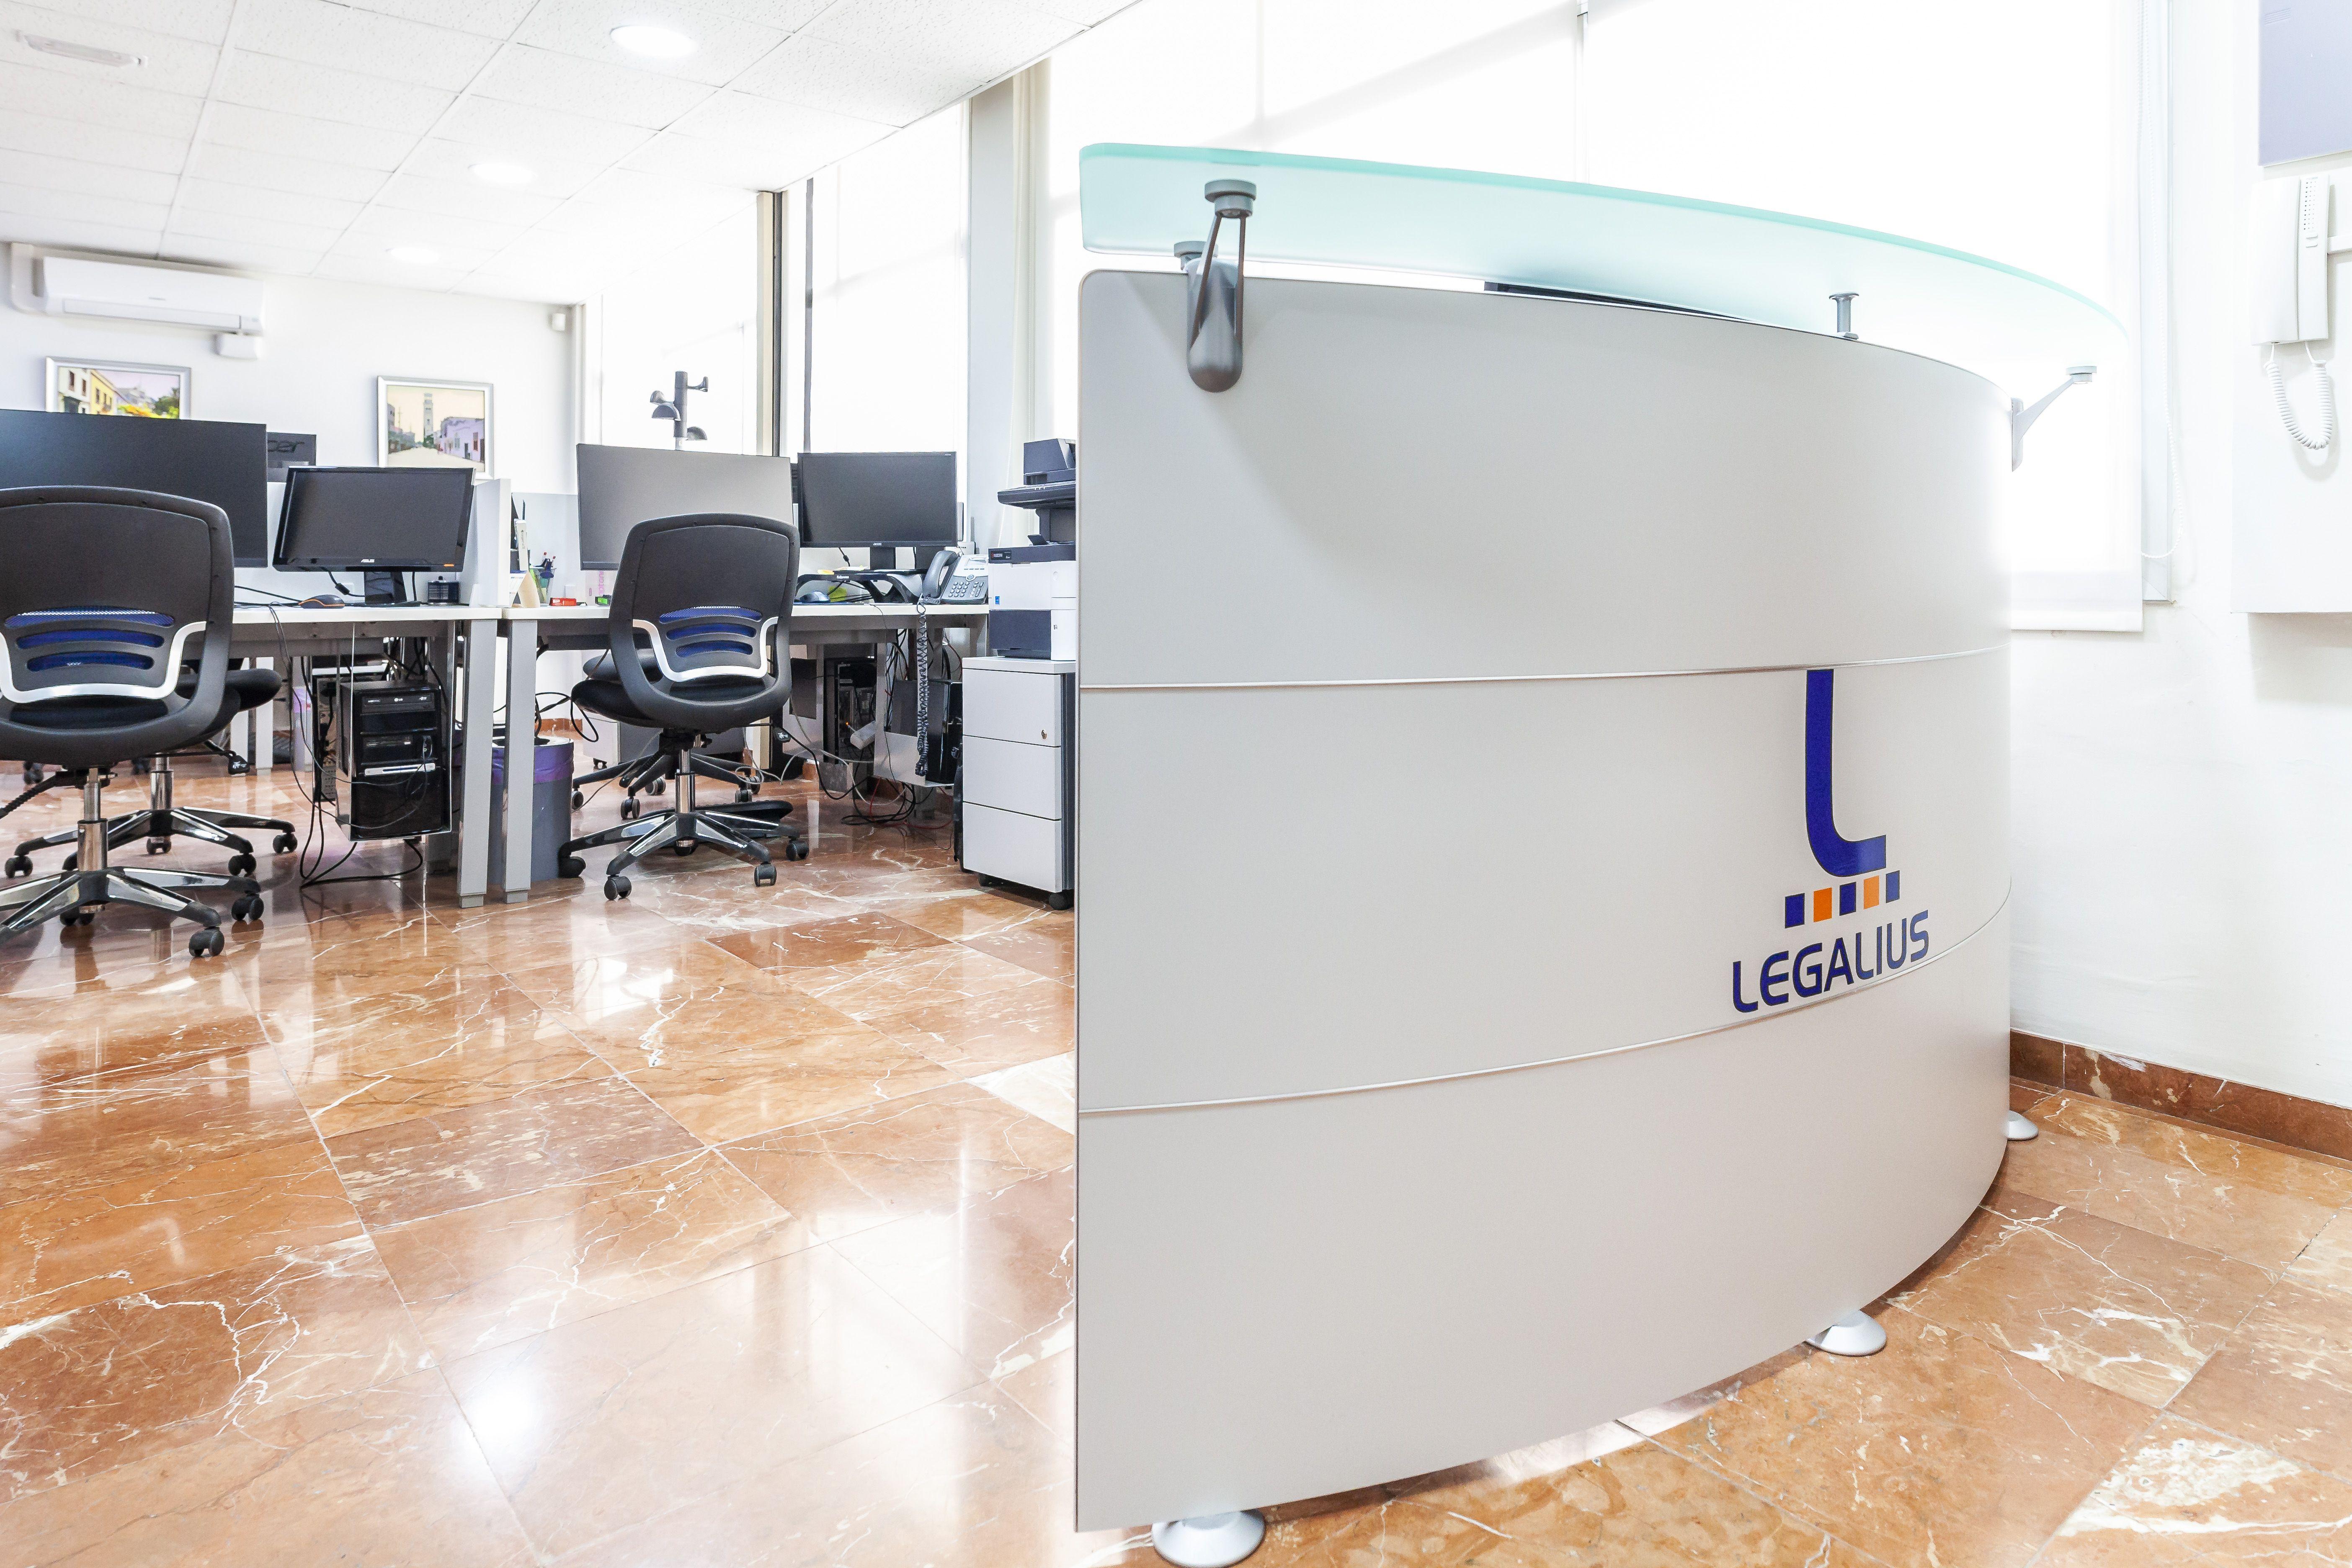 Legalius servicio integral